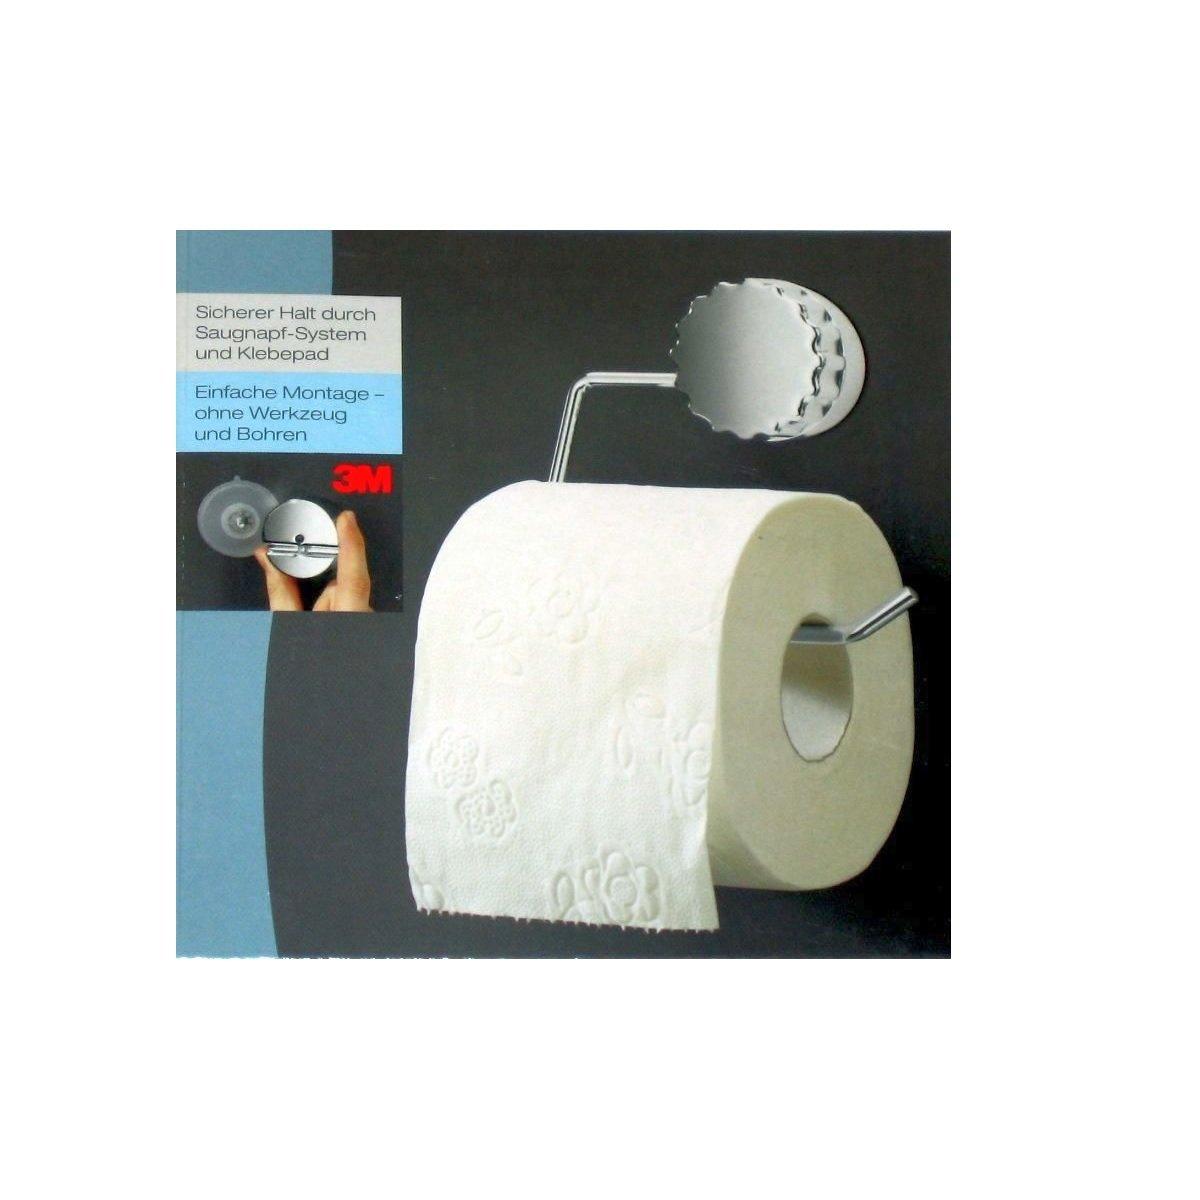 toilettenpapierhalter mit saugnapf system befestigung ohne bohren ... - Badezimmerzubehör Ohne Bohren